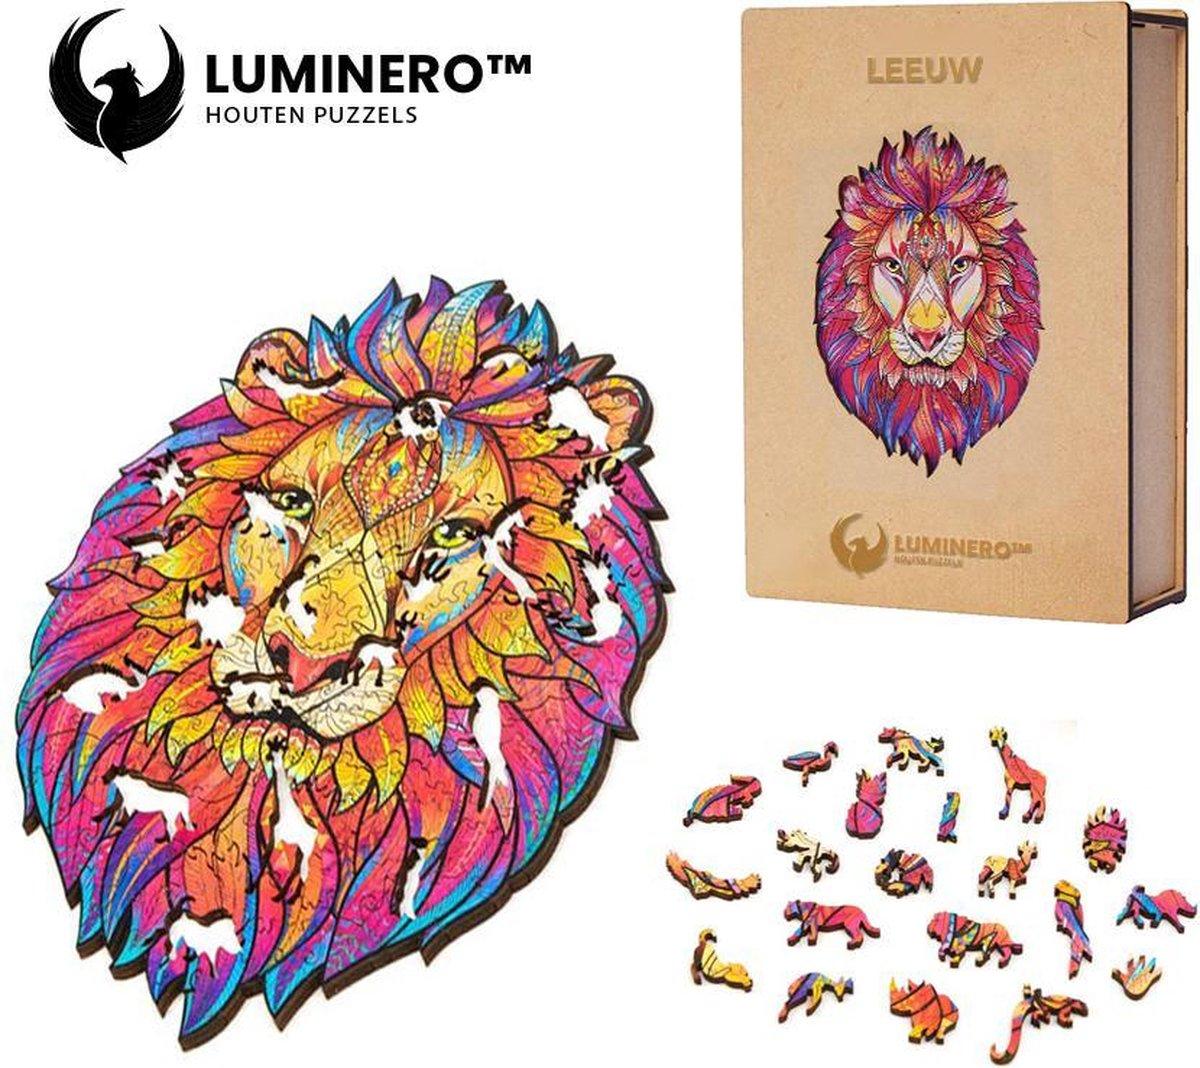 Luminero™ Houten Leeuw Jigsaw Puzzel - A4 Formaat Jigsaw - Unieke 3D Puzzels - Huisdecoratie - Wooden Puzzle - Volwassenen & Kinderen - Incl. Houten Doos